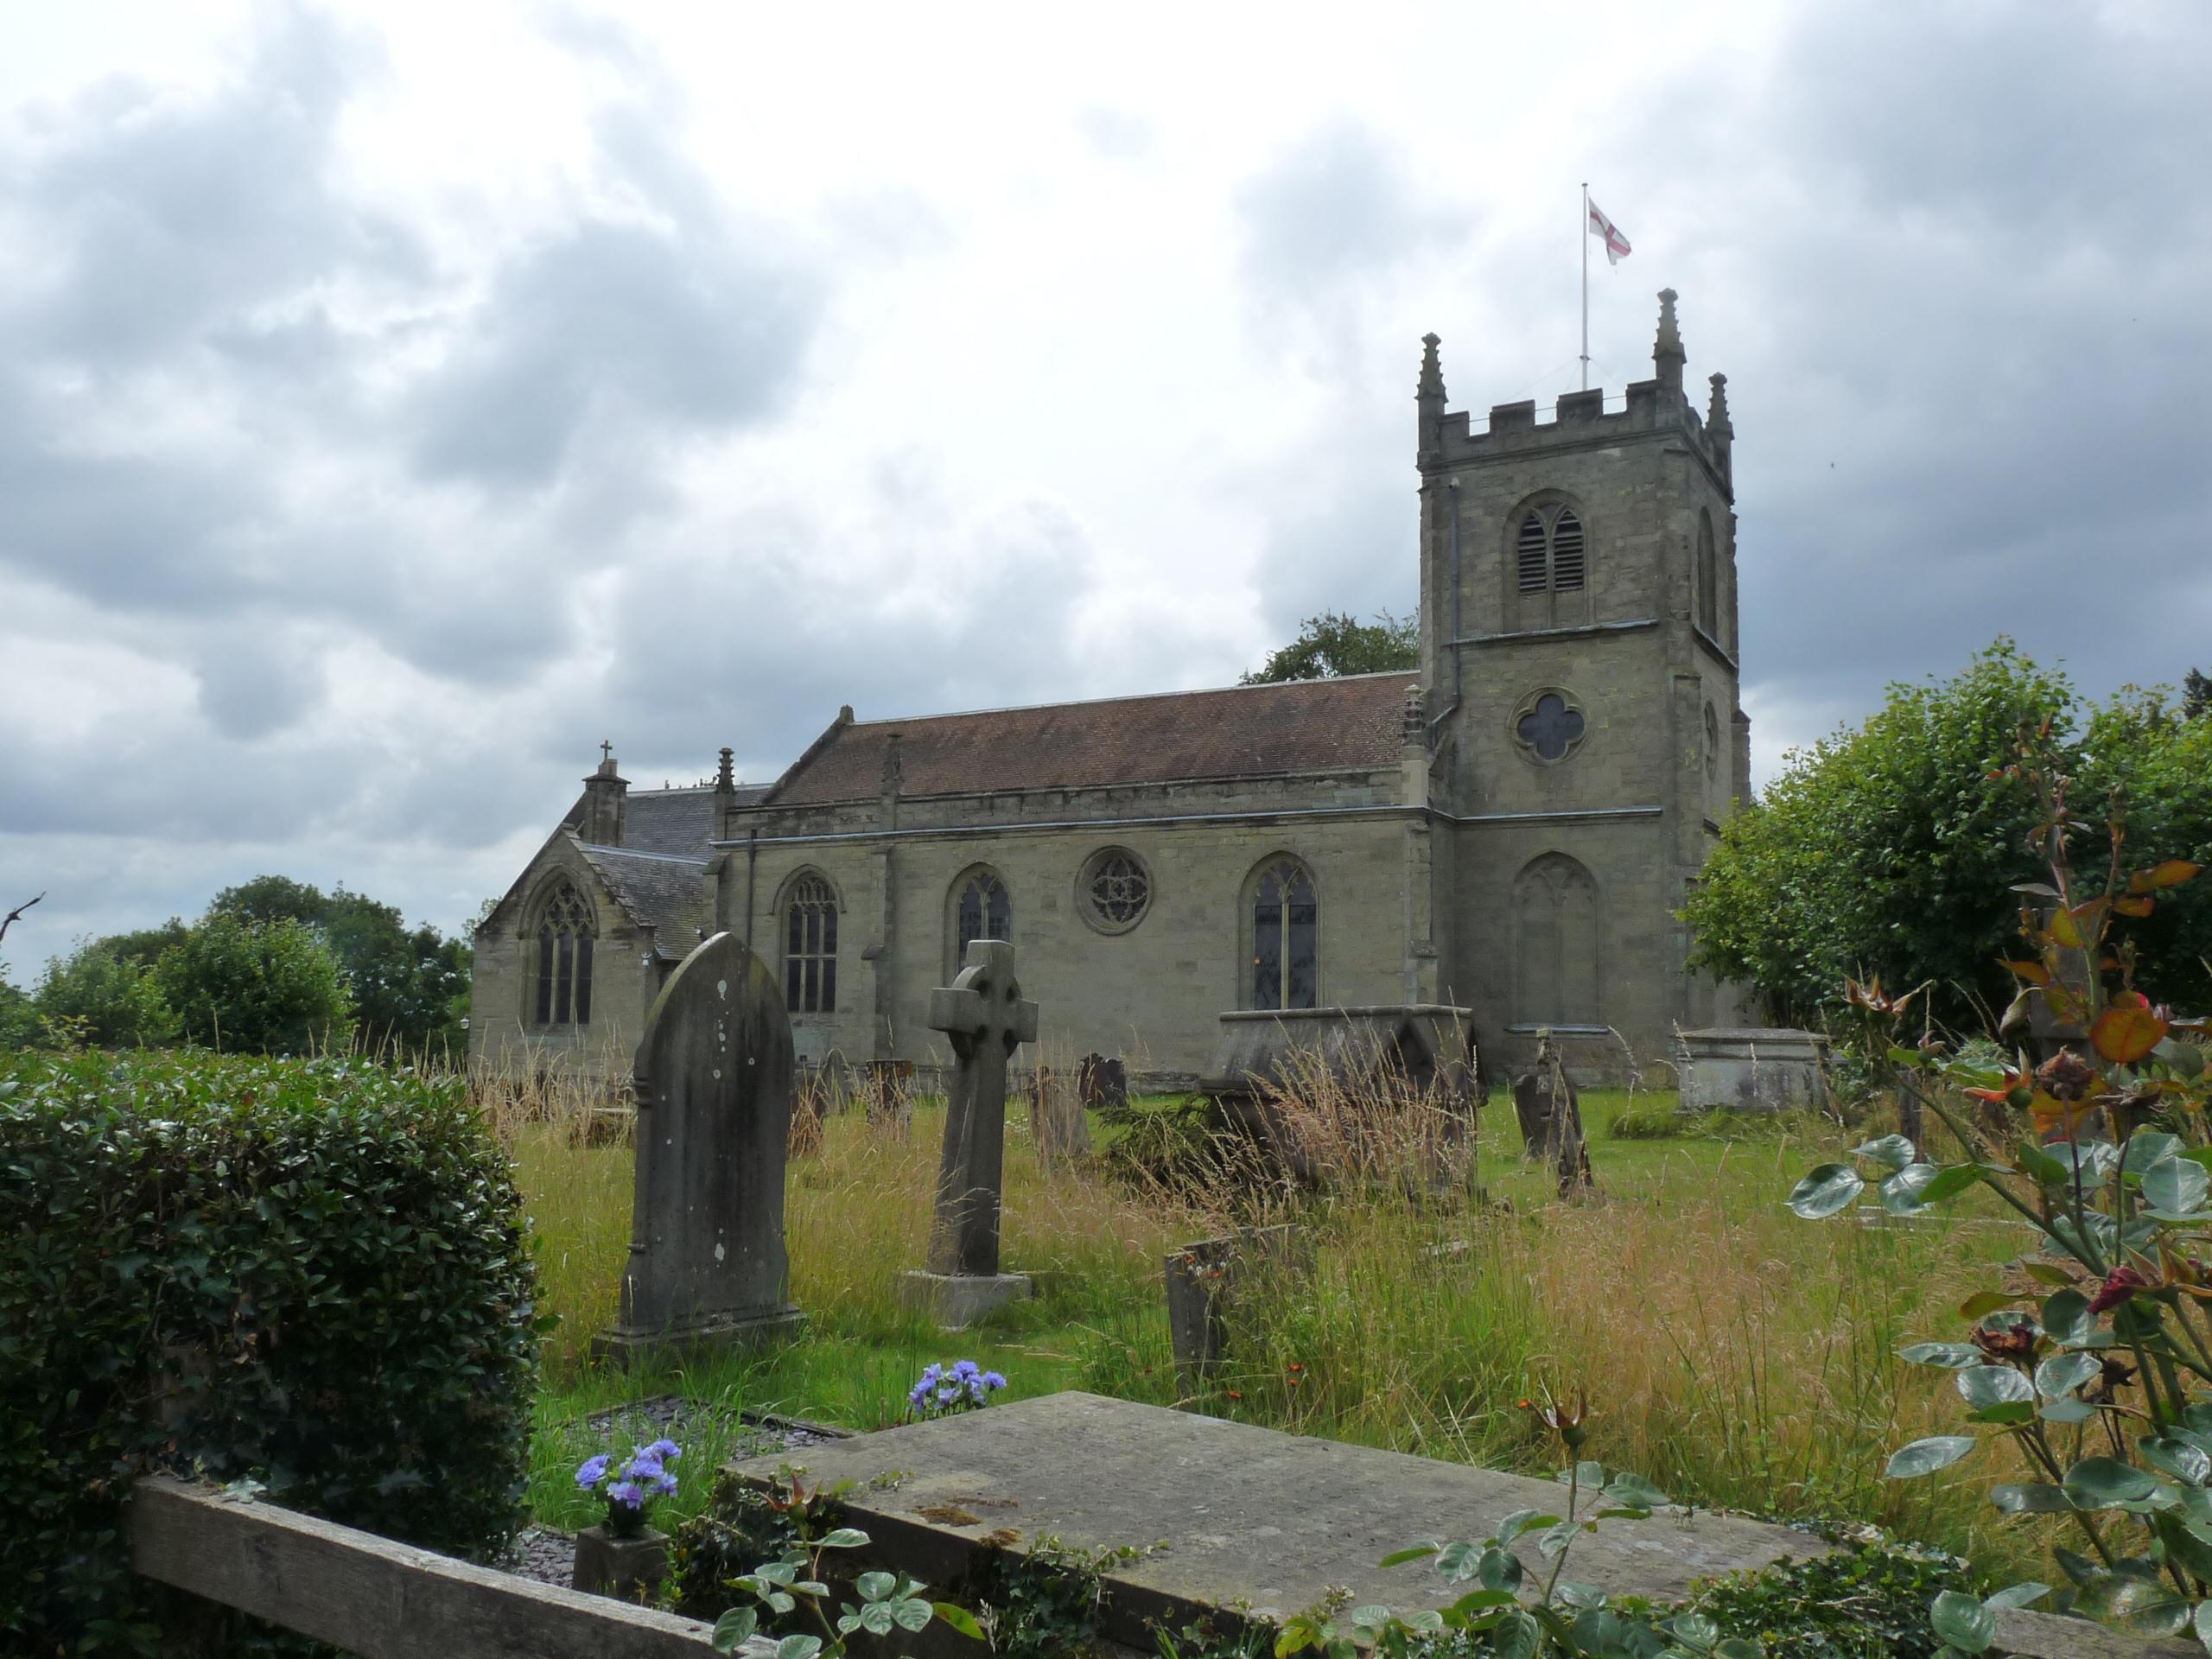 All Saints' Church, Leek Wootton